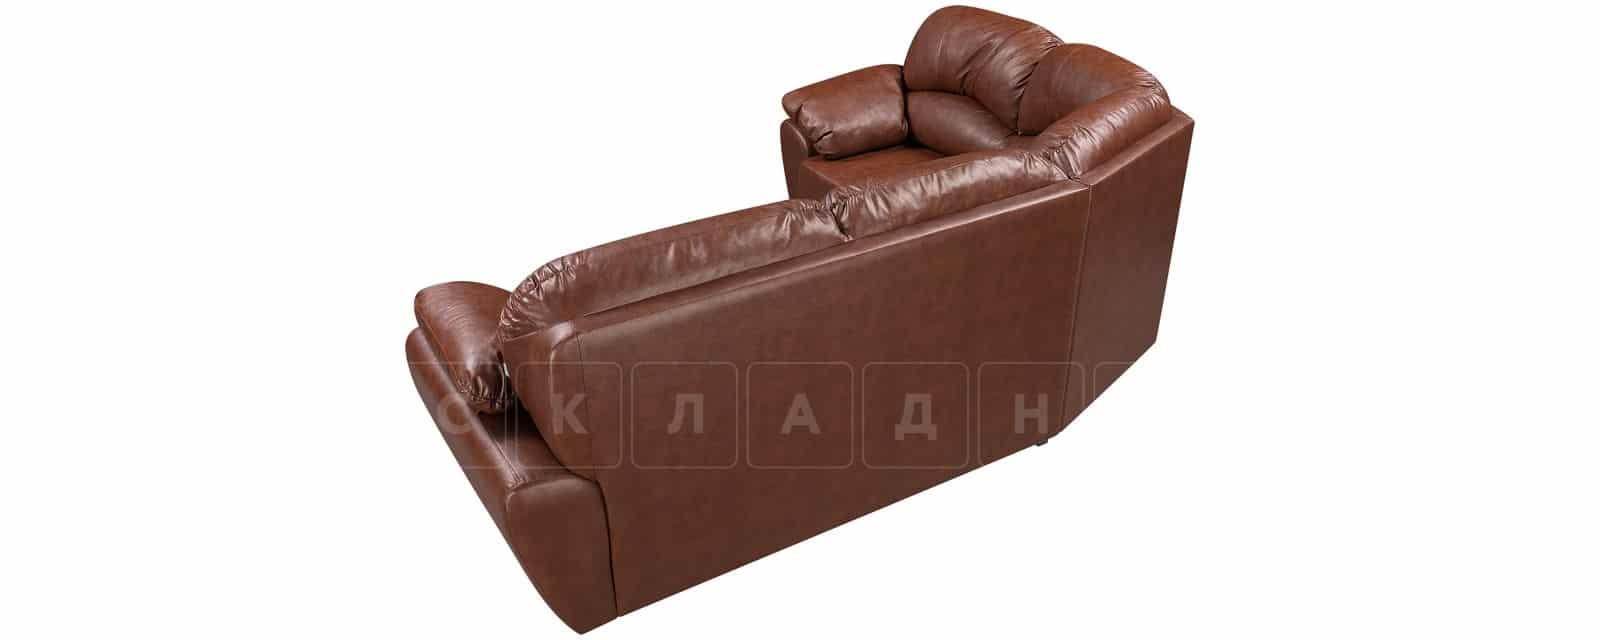 Угловой диван Эвита кожаный коричневый левый угол фото 3   интернет-магазин Складно